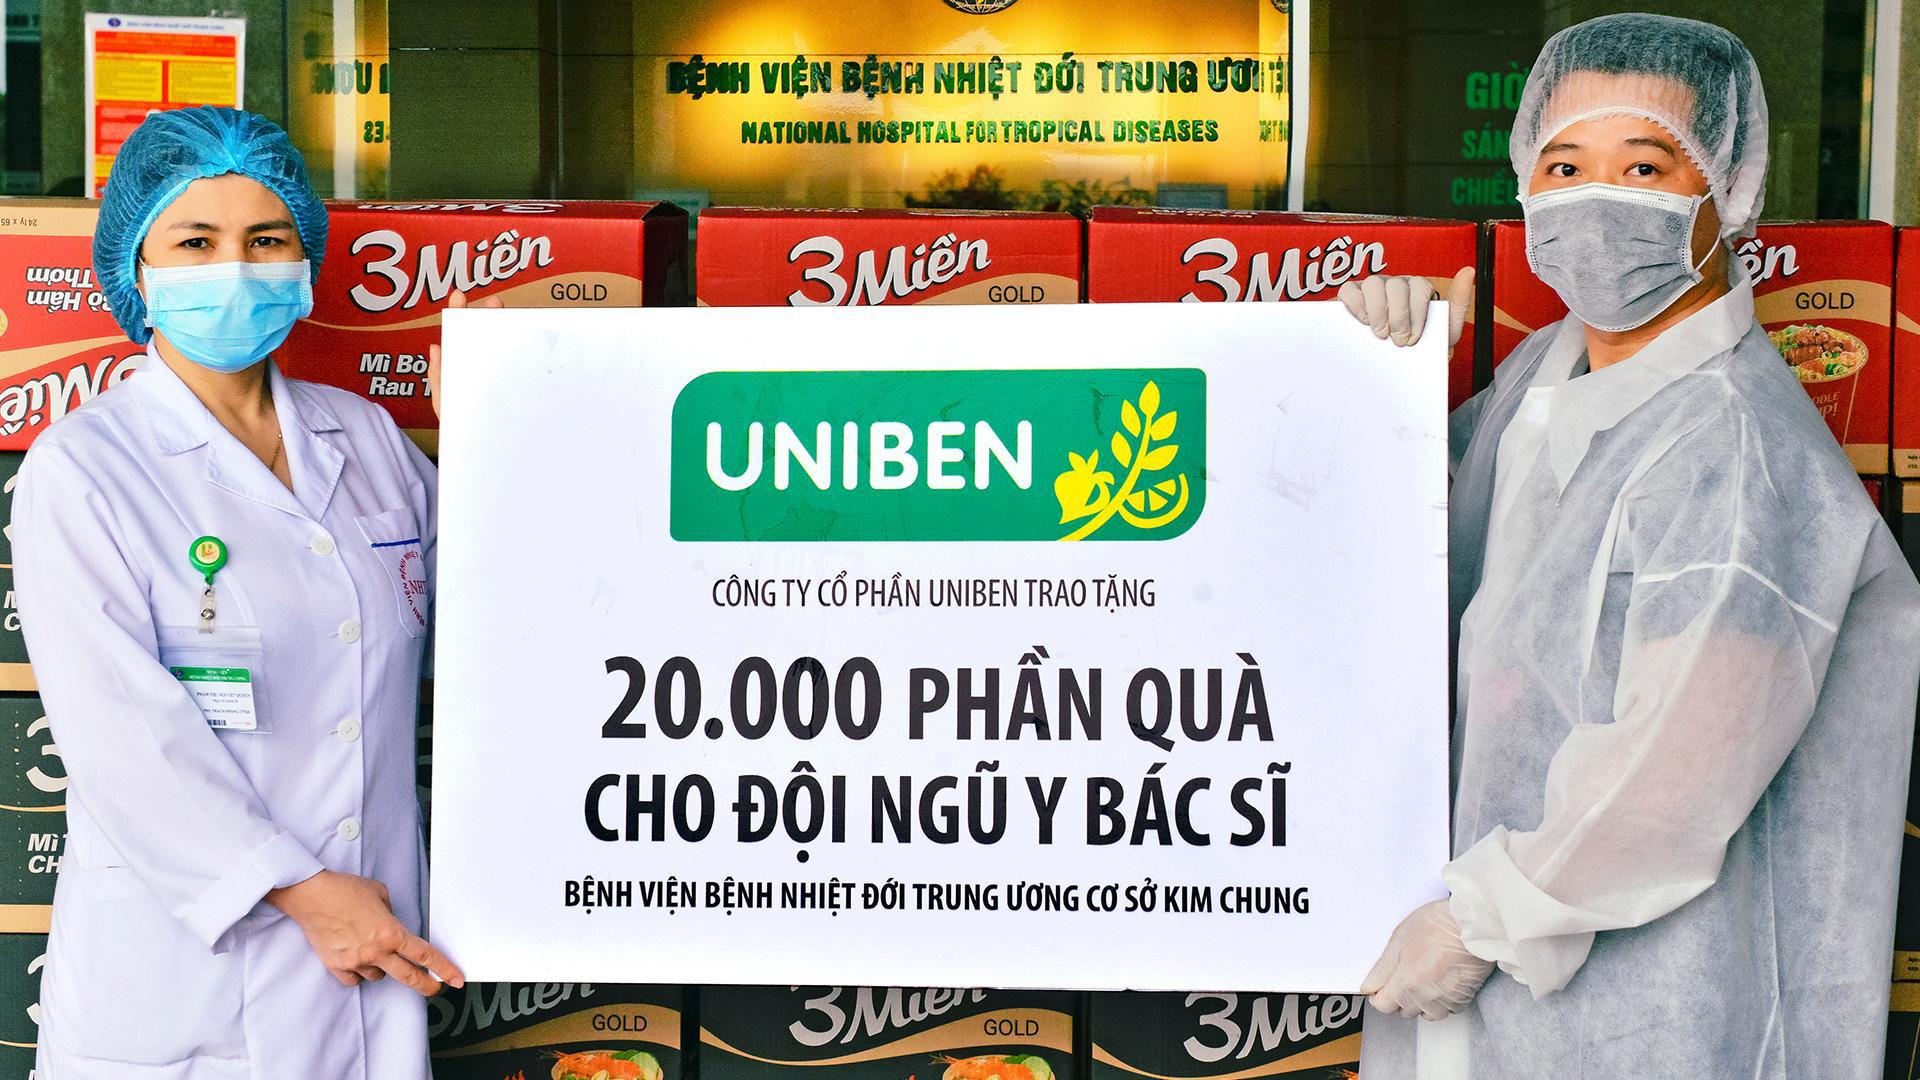 Uniben trao tặng 150.000 bữa ăn dinh dưỡng từ Mì 3 Miền và Nước trái cây Joco cho đội ngũ y bác sĩ các bệnh viện tuyến đầu - Ảnh 6.